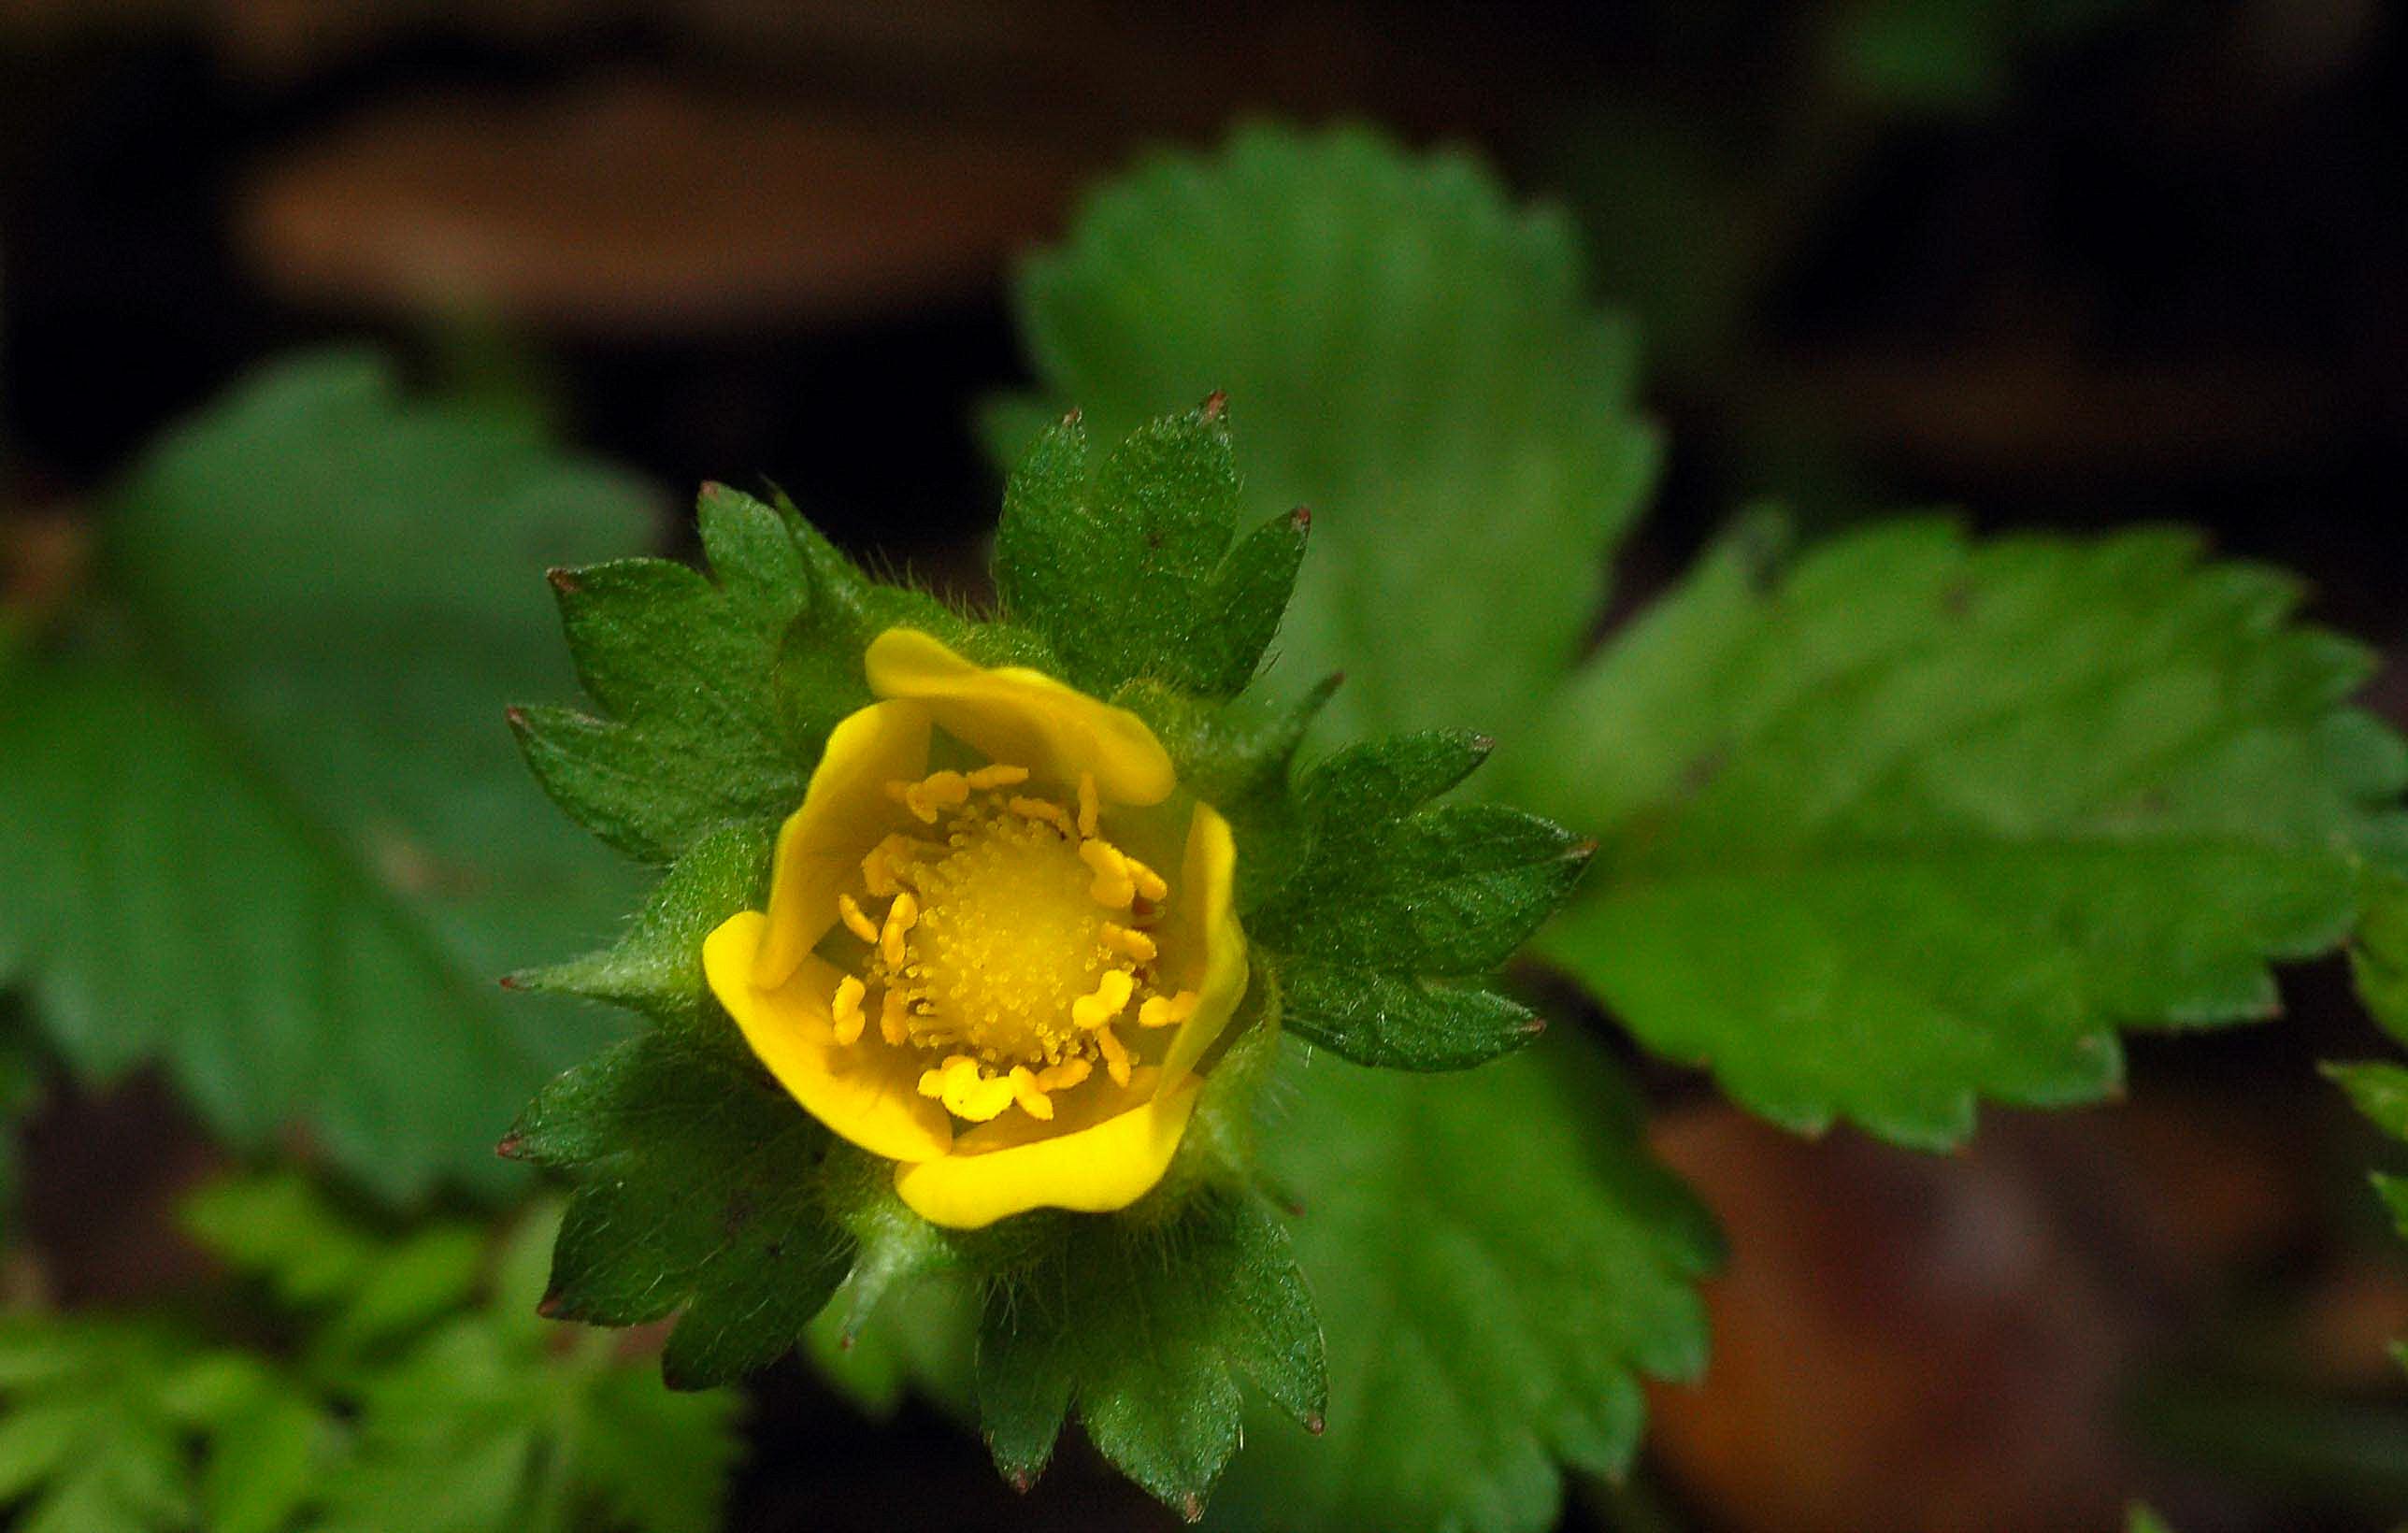 エビイチゴの花(バラ科) 5月14日